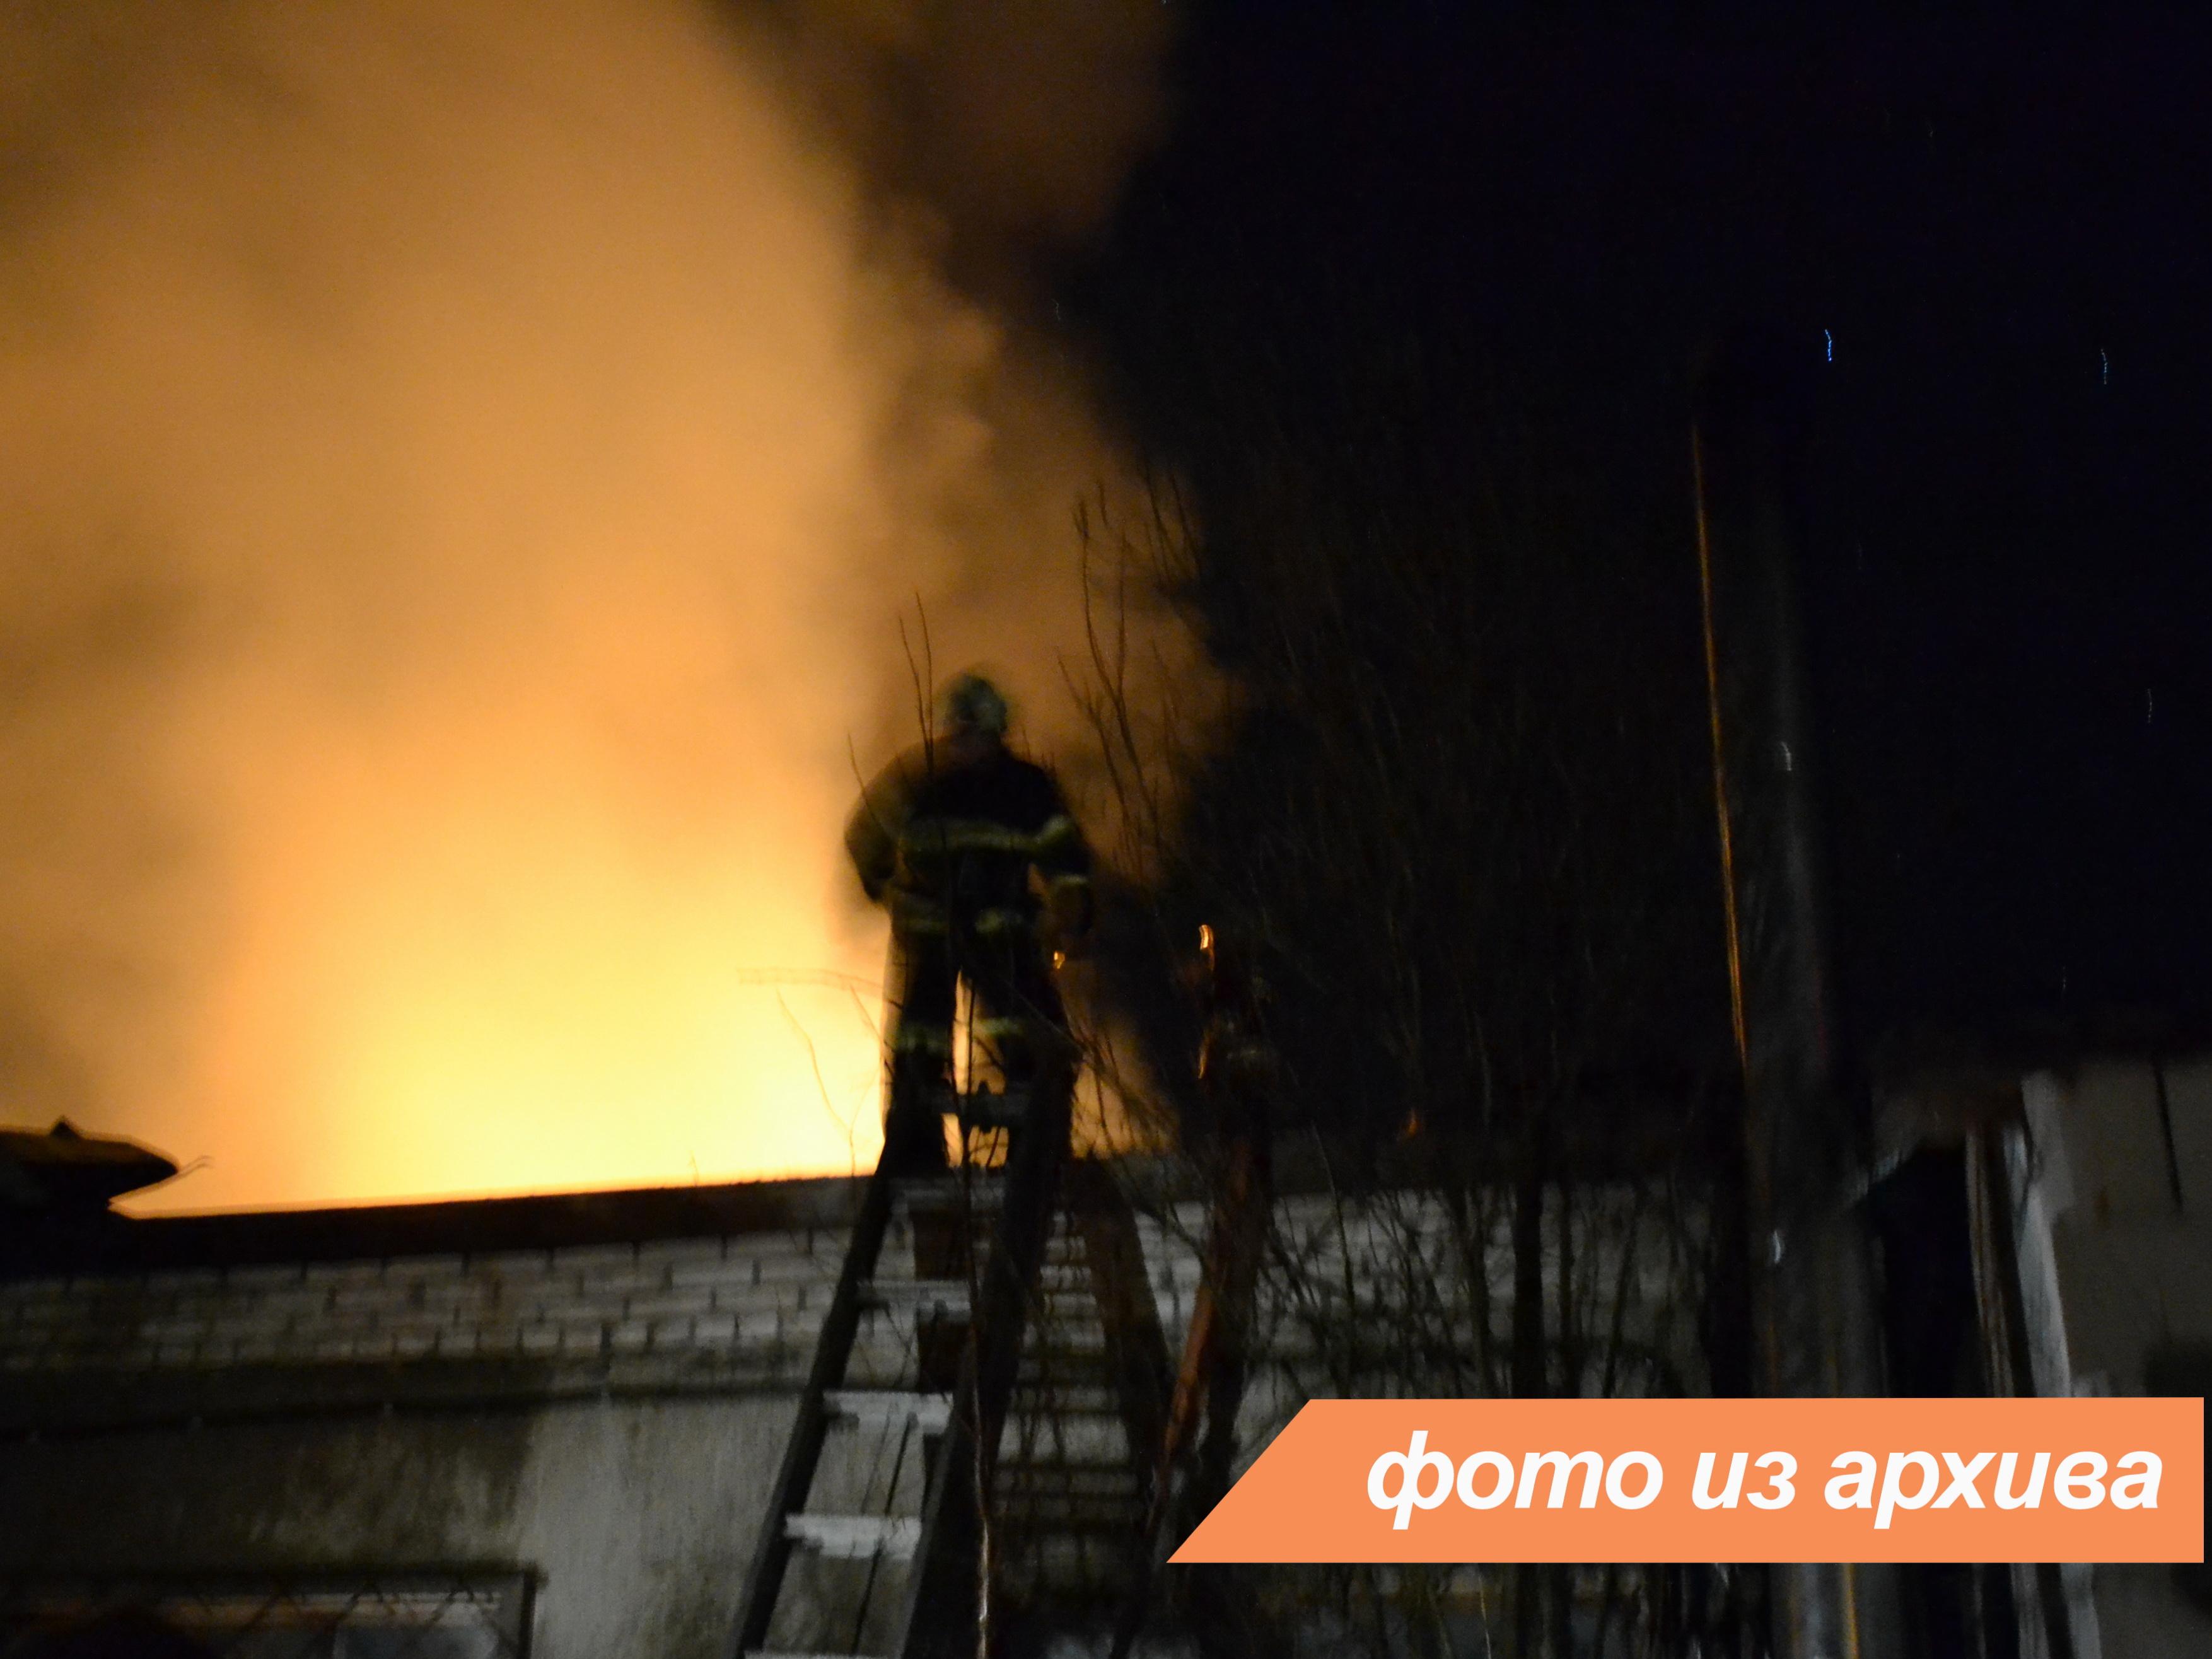 Пожарно-спасательное подразделение Ленинградской области ликвидировало пожар в городе Сосновый Бор